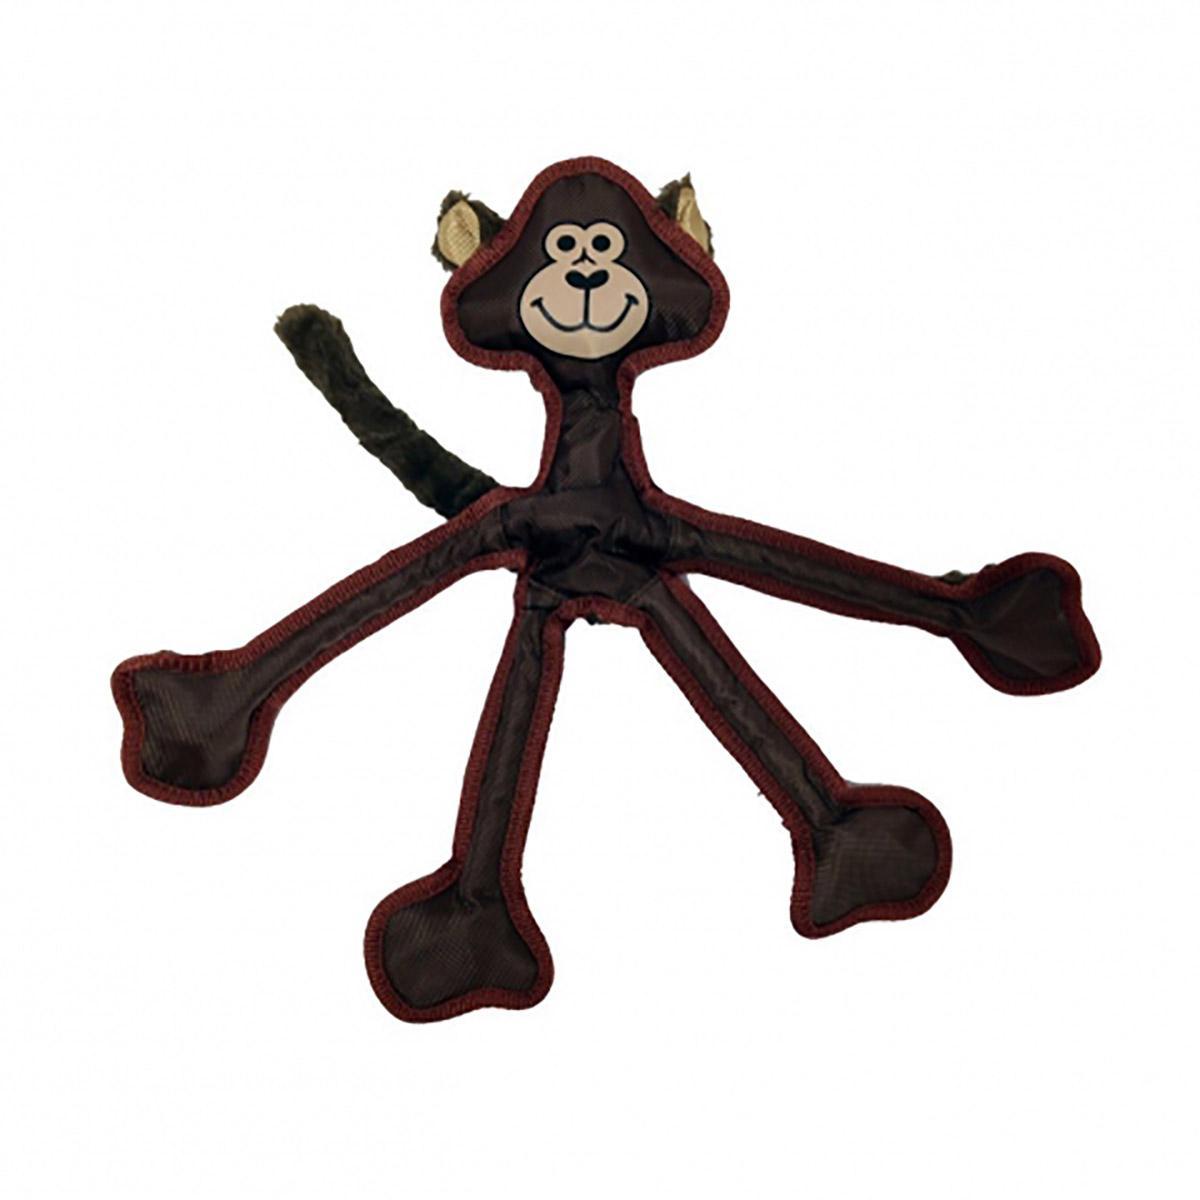 MultiPet Skele-Rope Dog Toy - Monkey